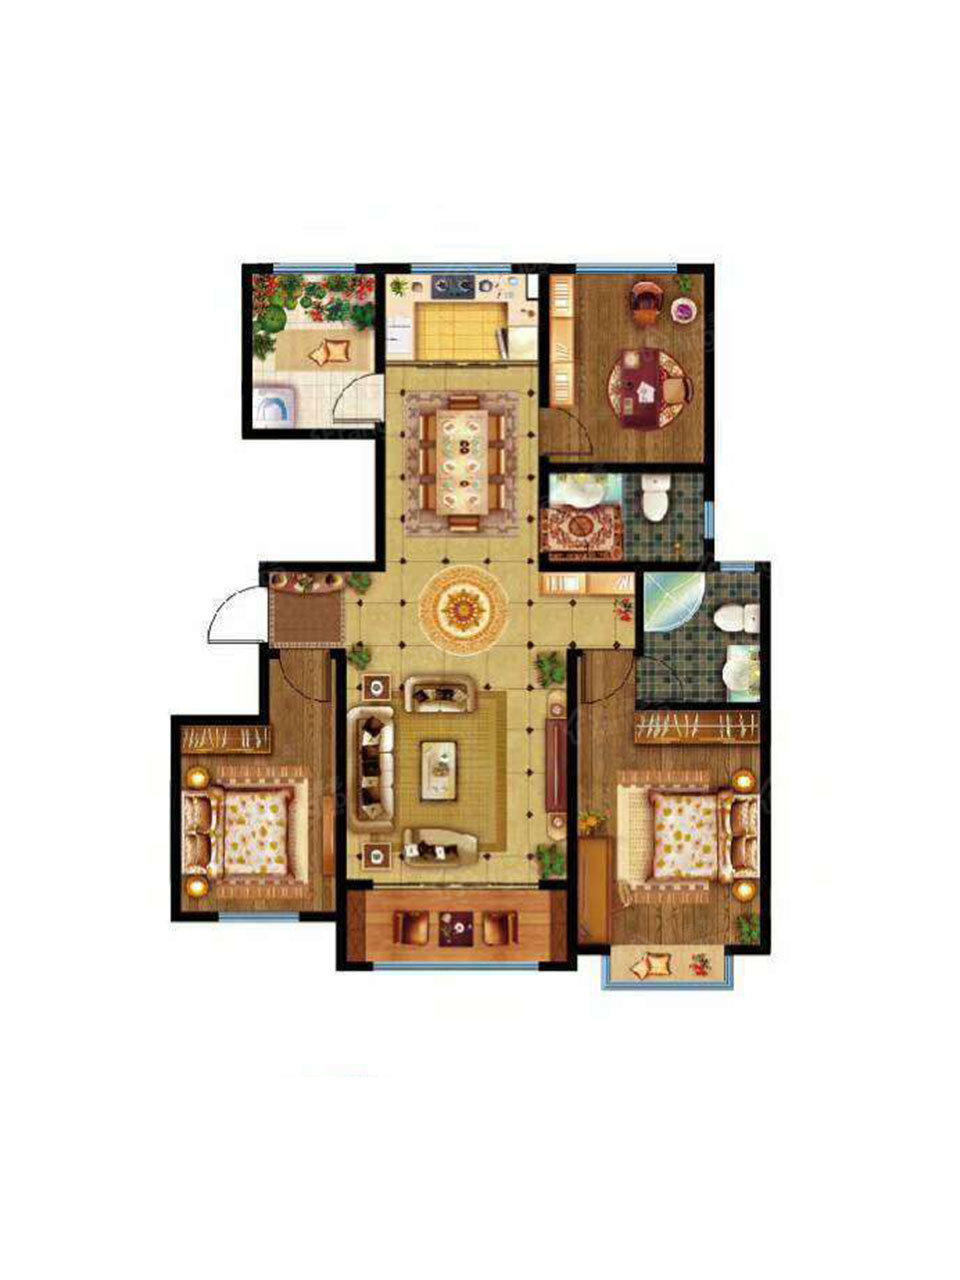 美林山3室2厅2卫户型图